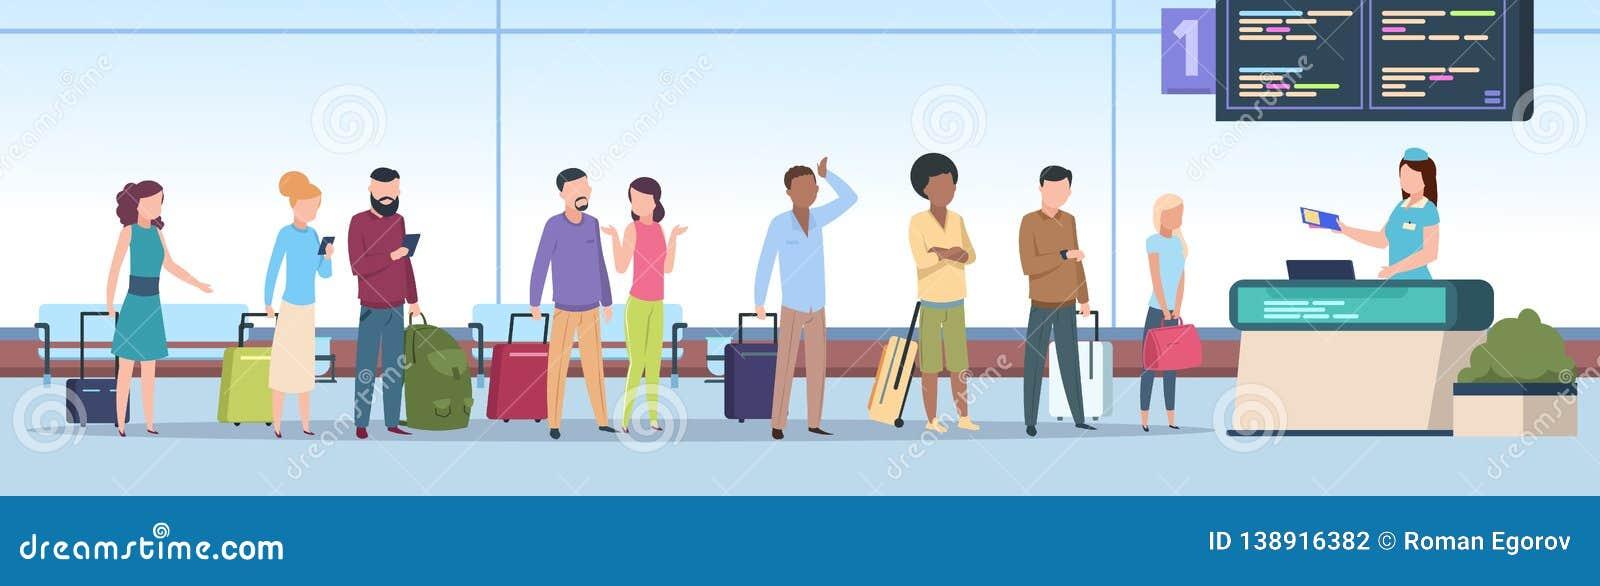 Fila do aeroporto Os passageiros do avião verificam o terminal de aeroporto do registro Povos de viagem, bagagem que espera na po